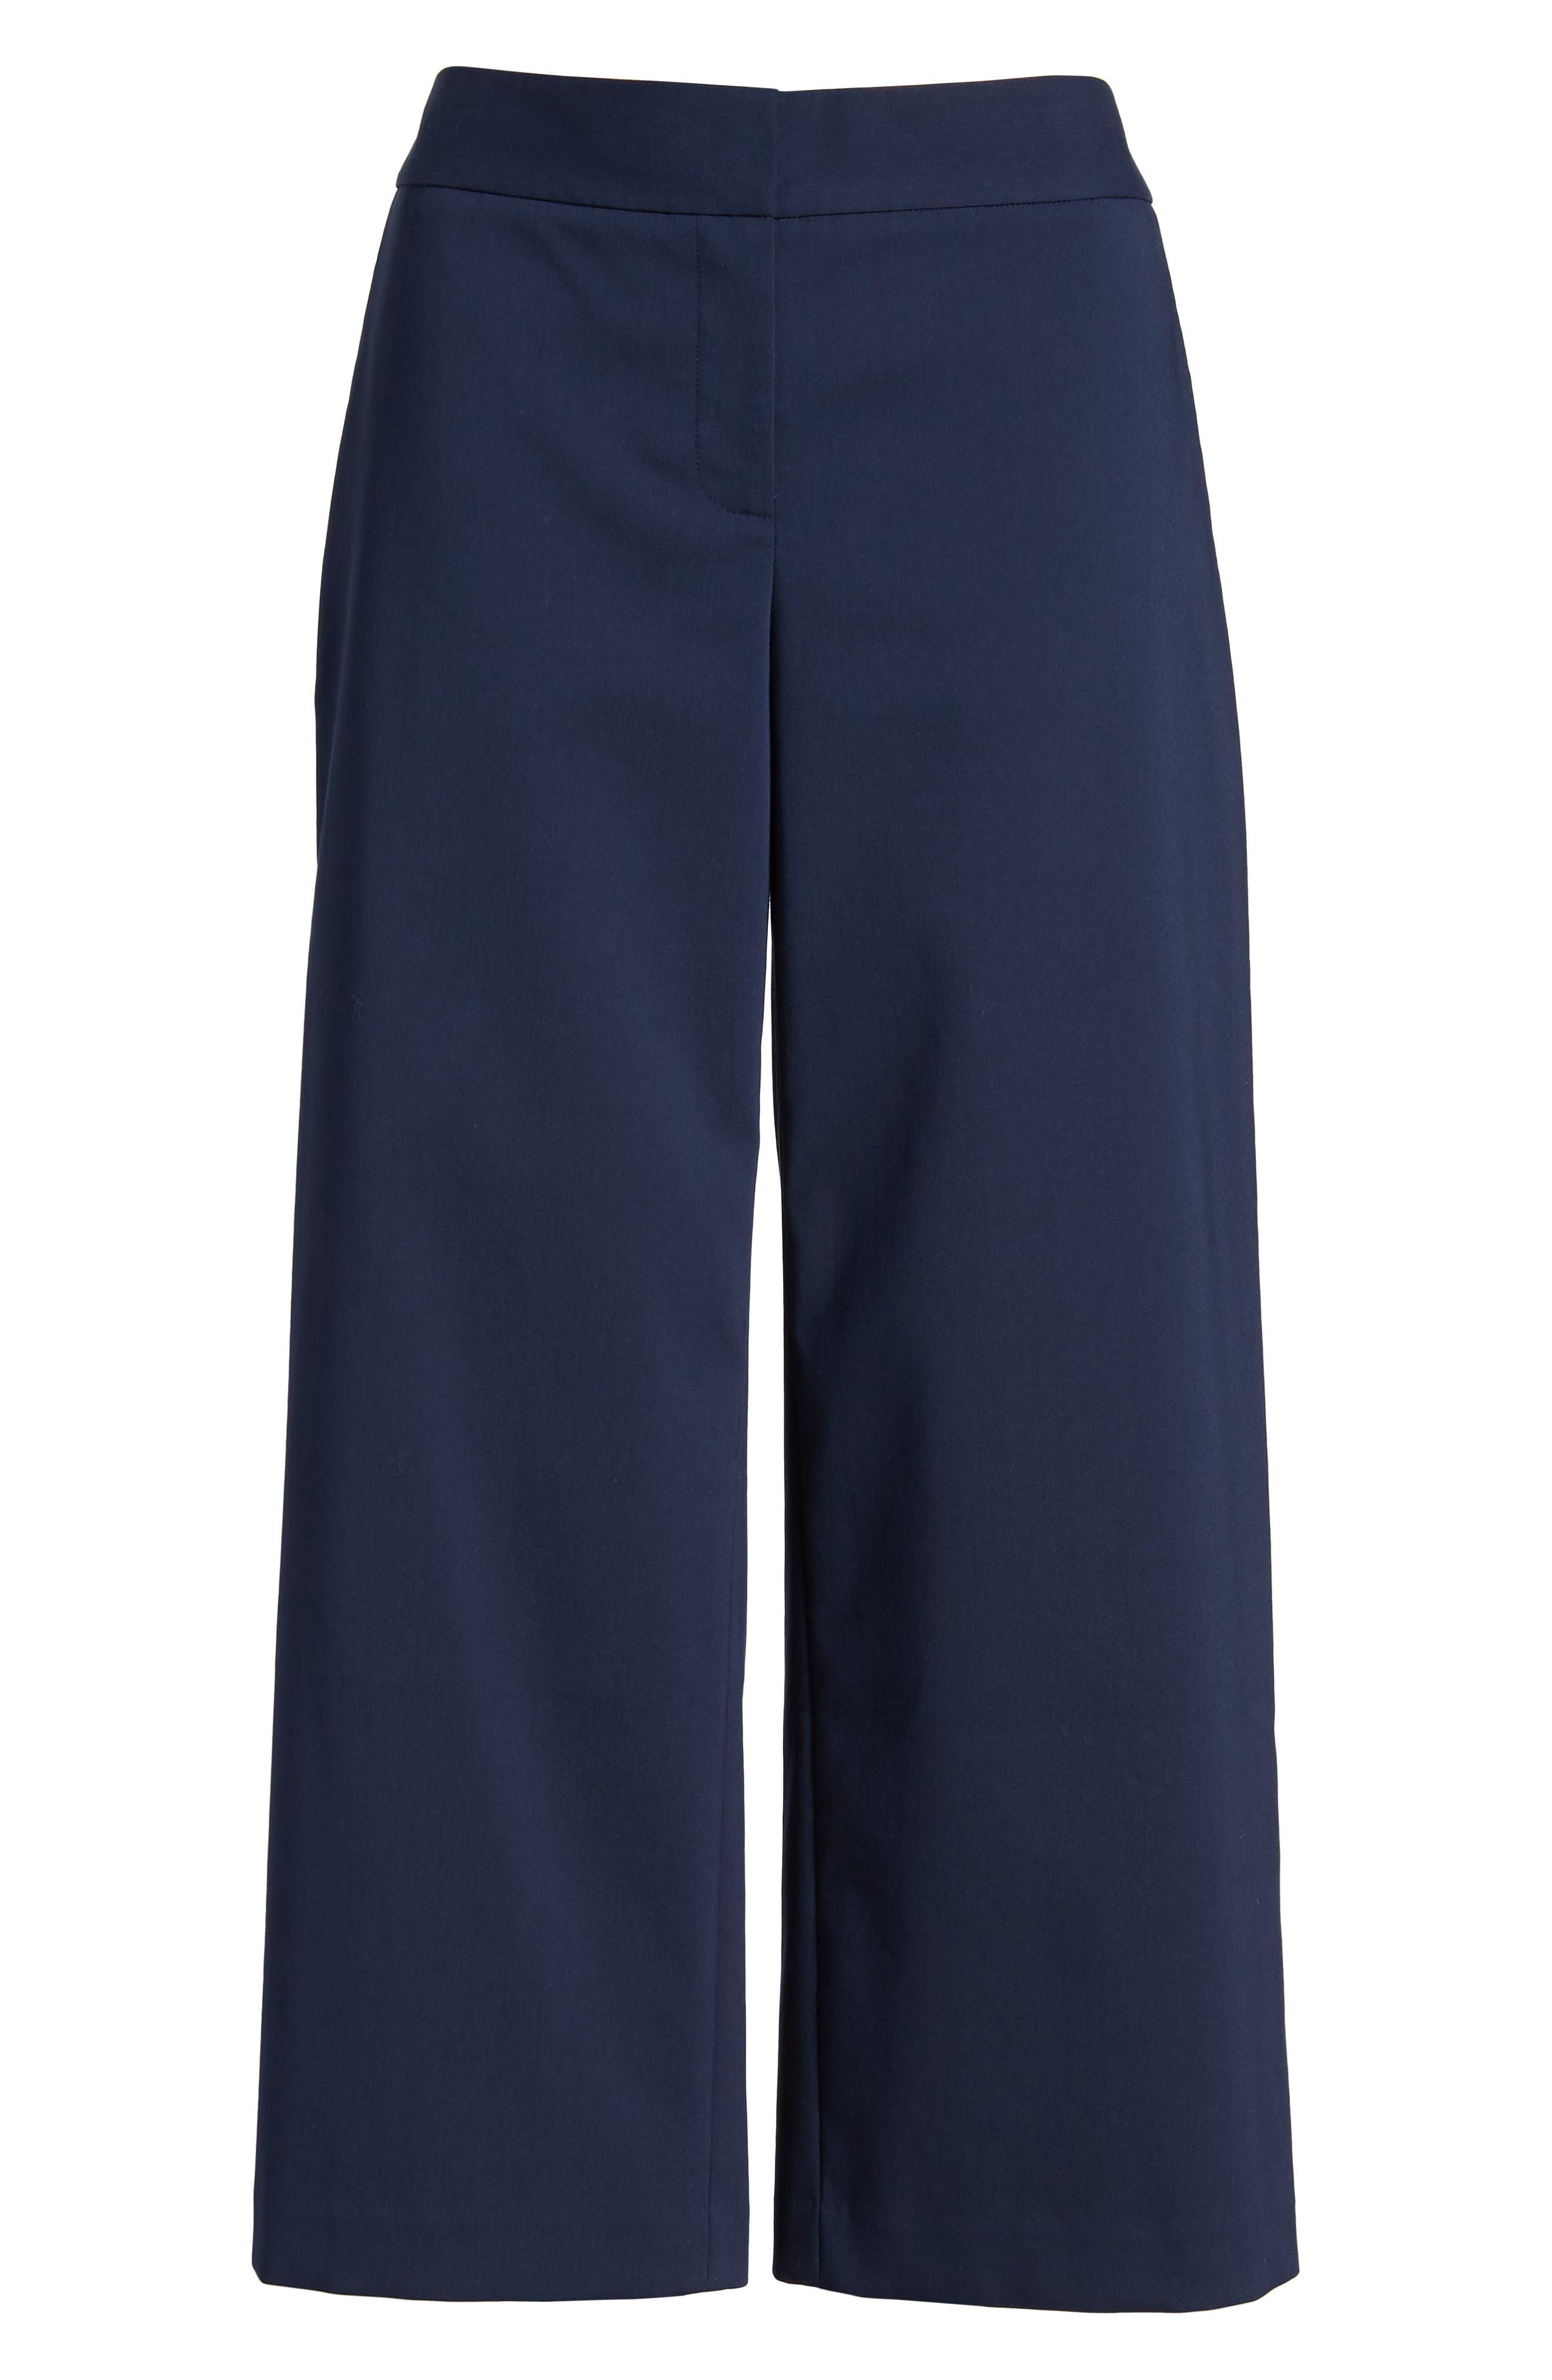 Wide Leg Crop Pants,                             Alternate thumbnail 7, color,                             410